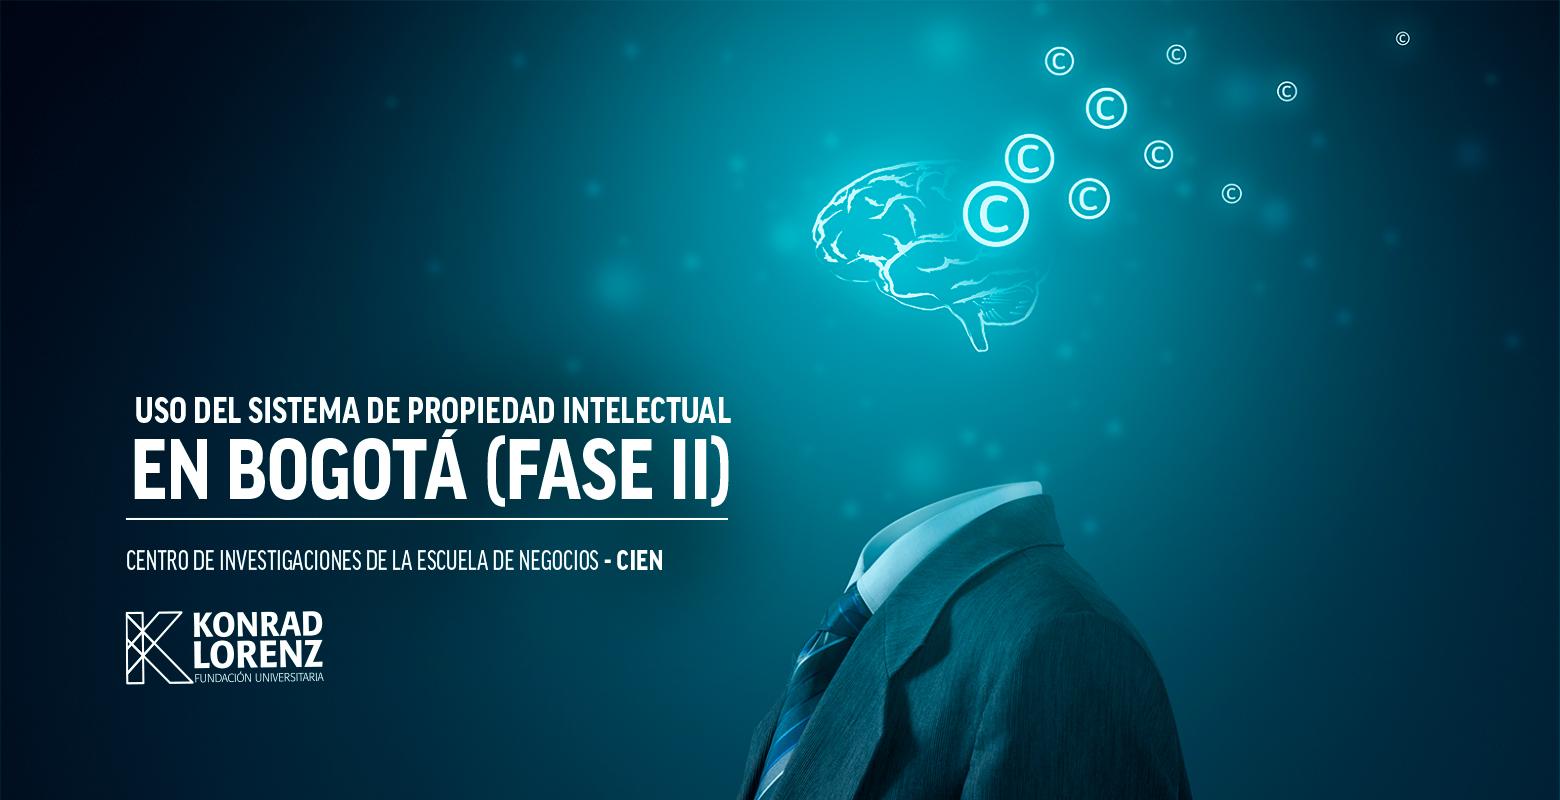 Uso del sistema de propiedad intelectual en Bogotá (Fase II)